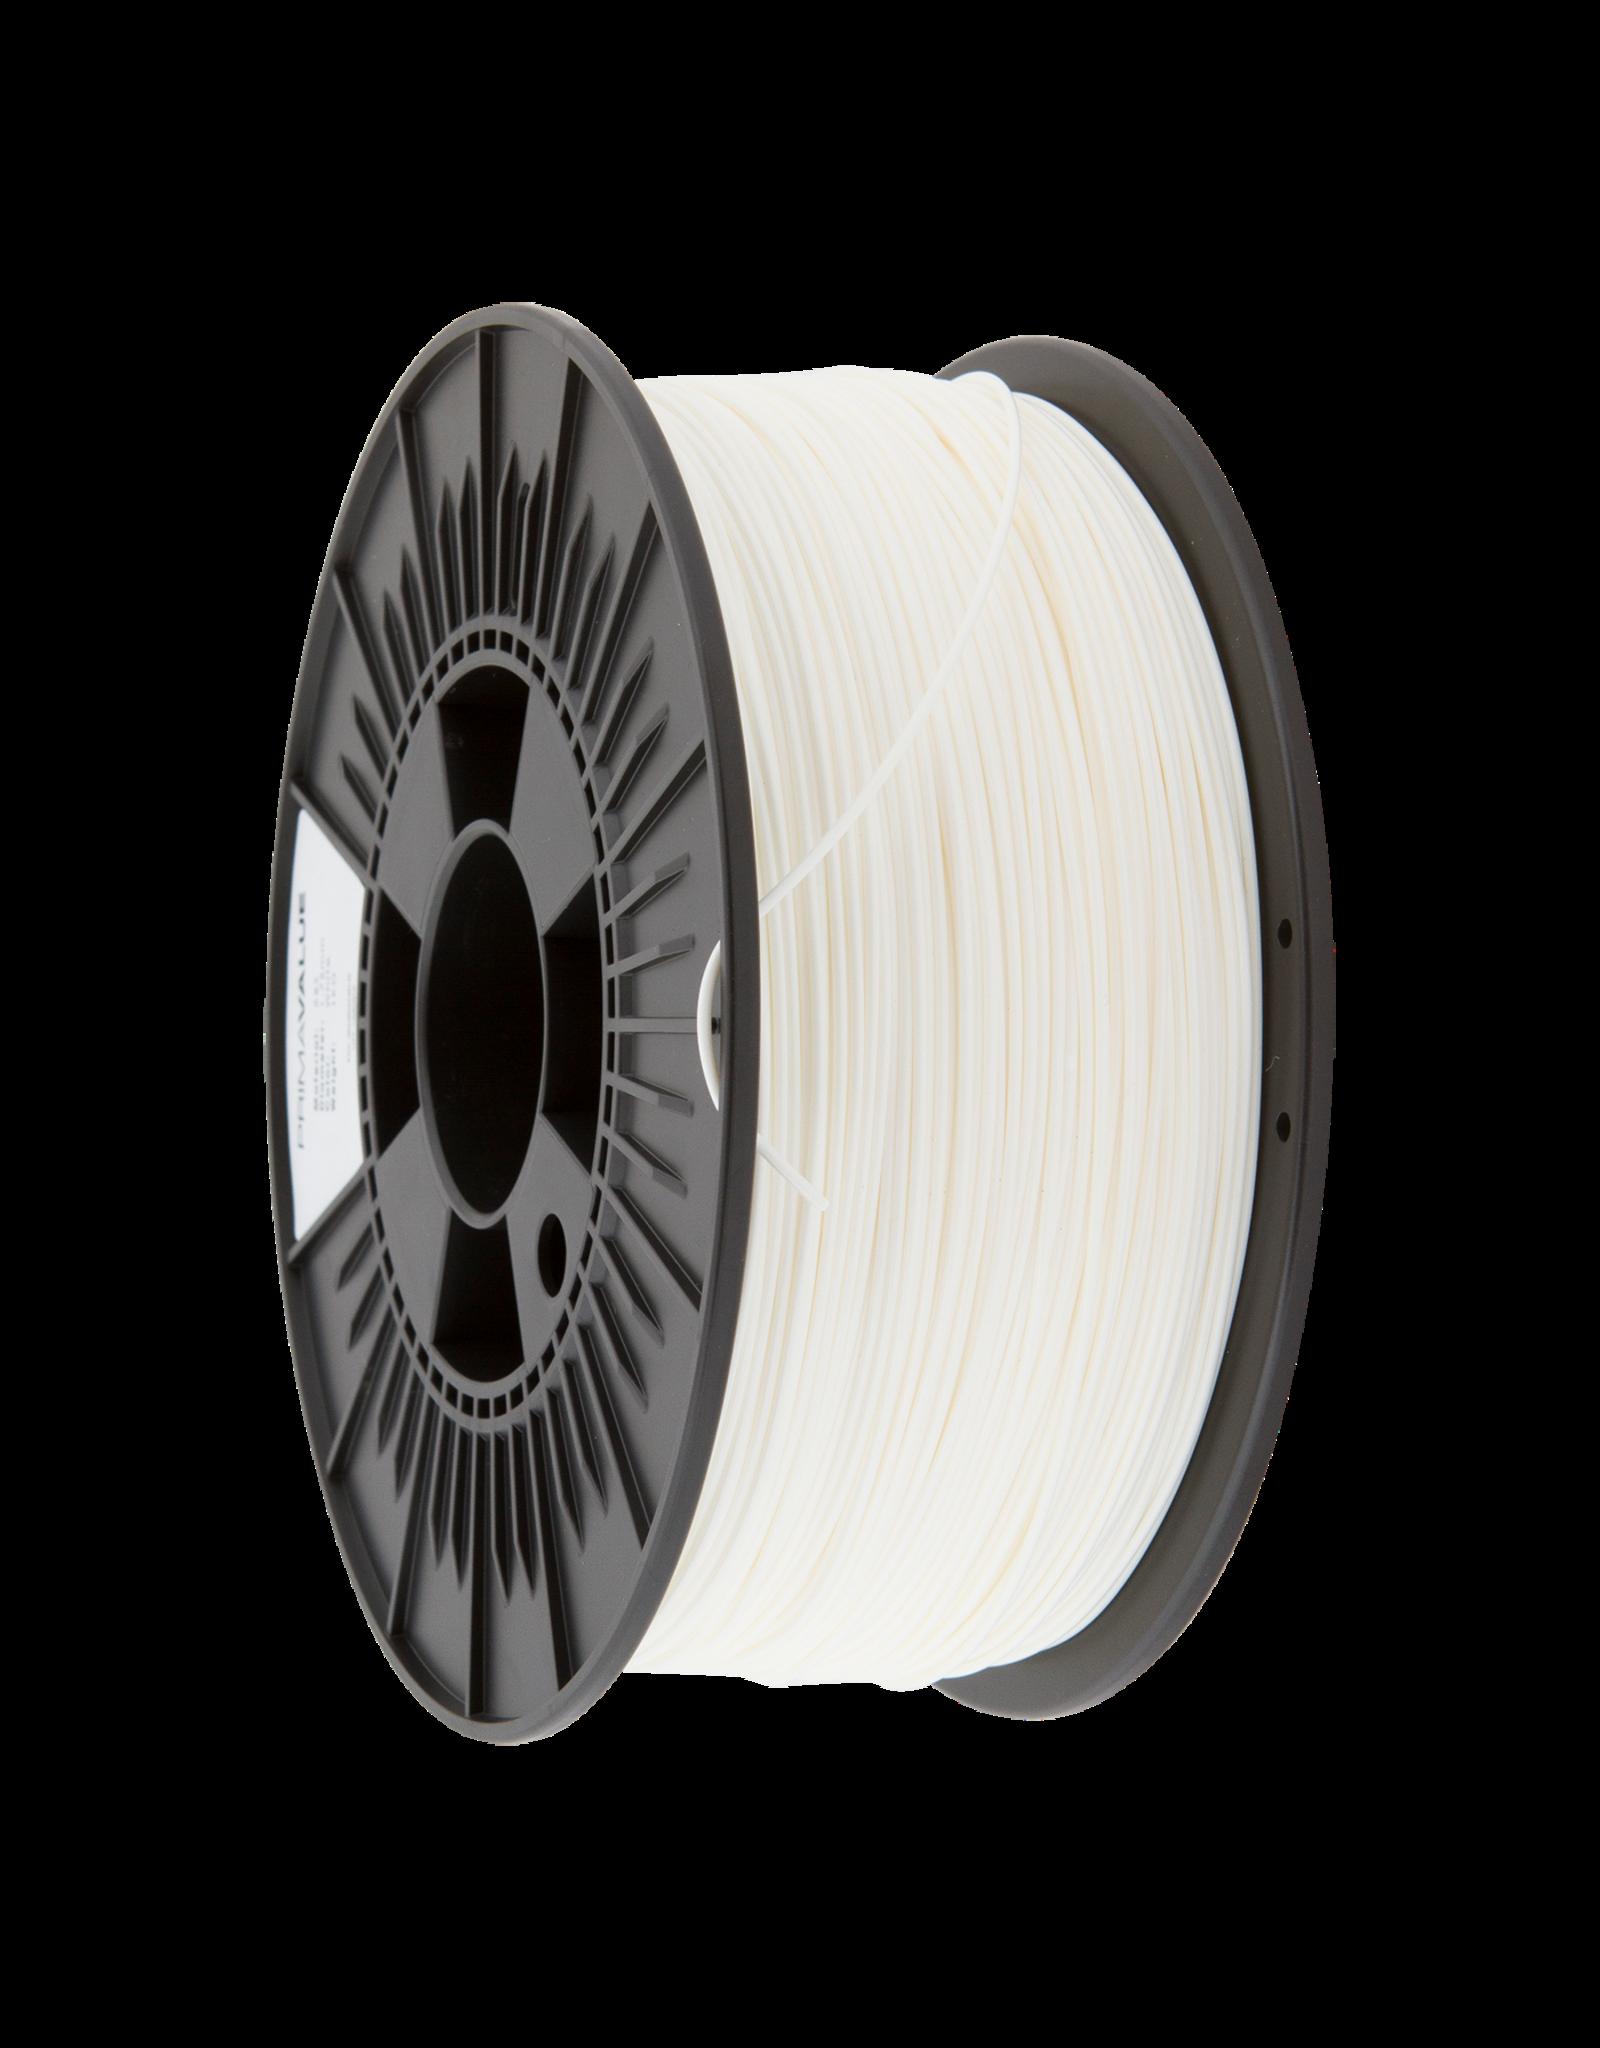 Prima PrimaValue ABS Filament - 1.75mm - 1 kg - Blanc